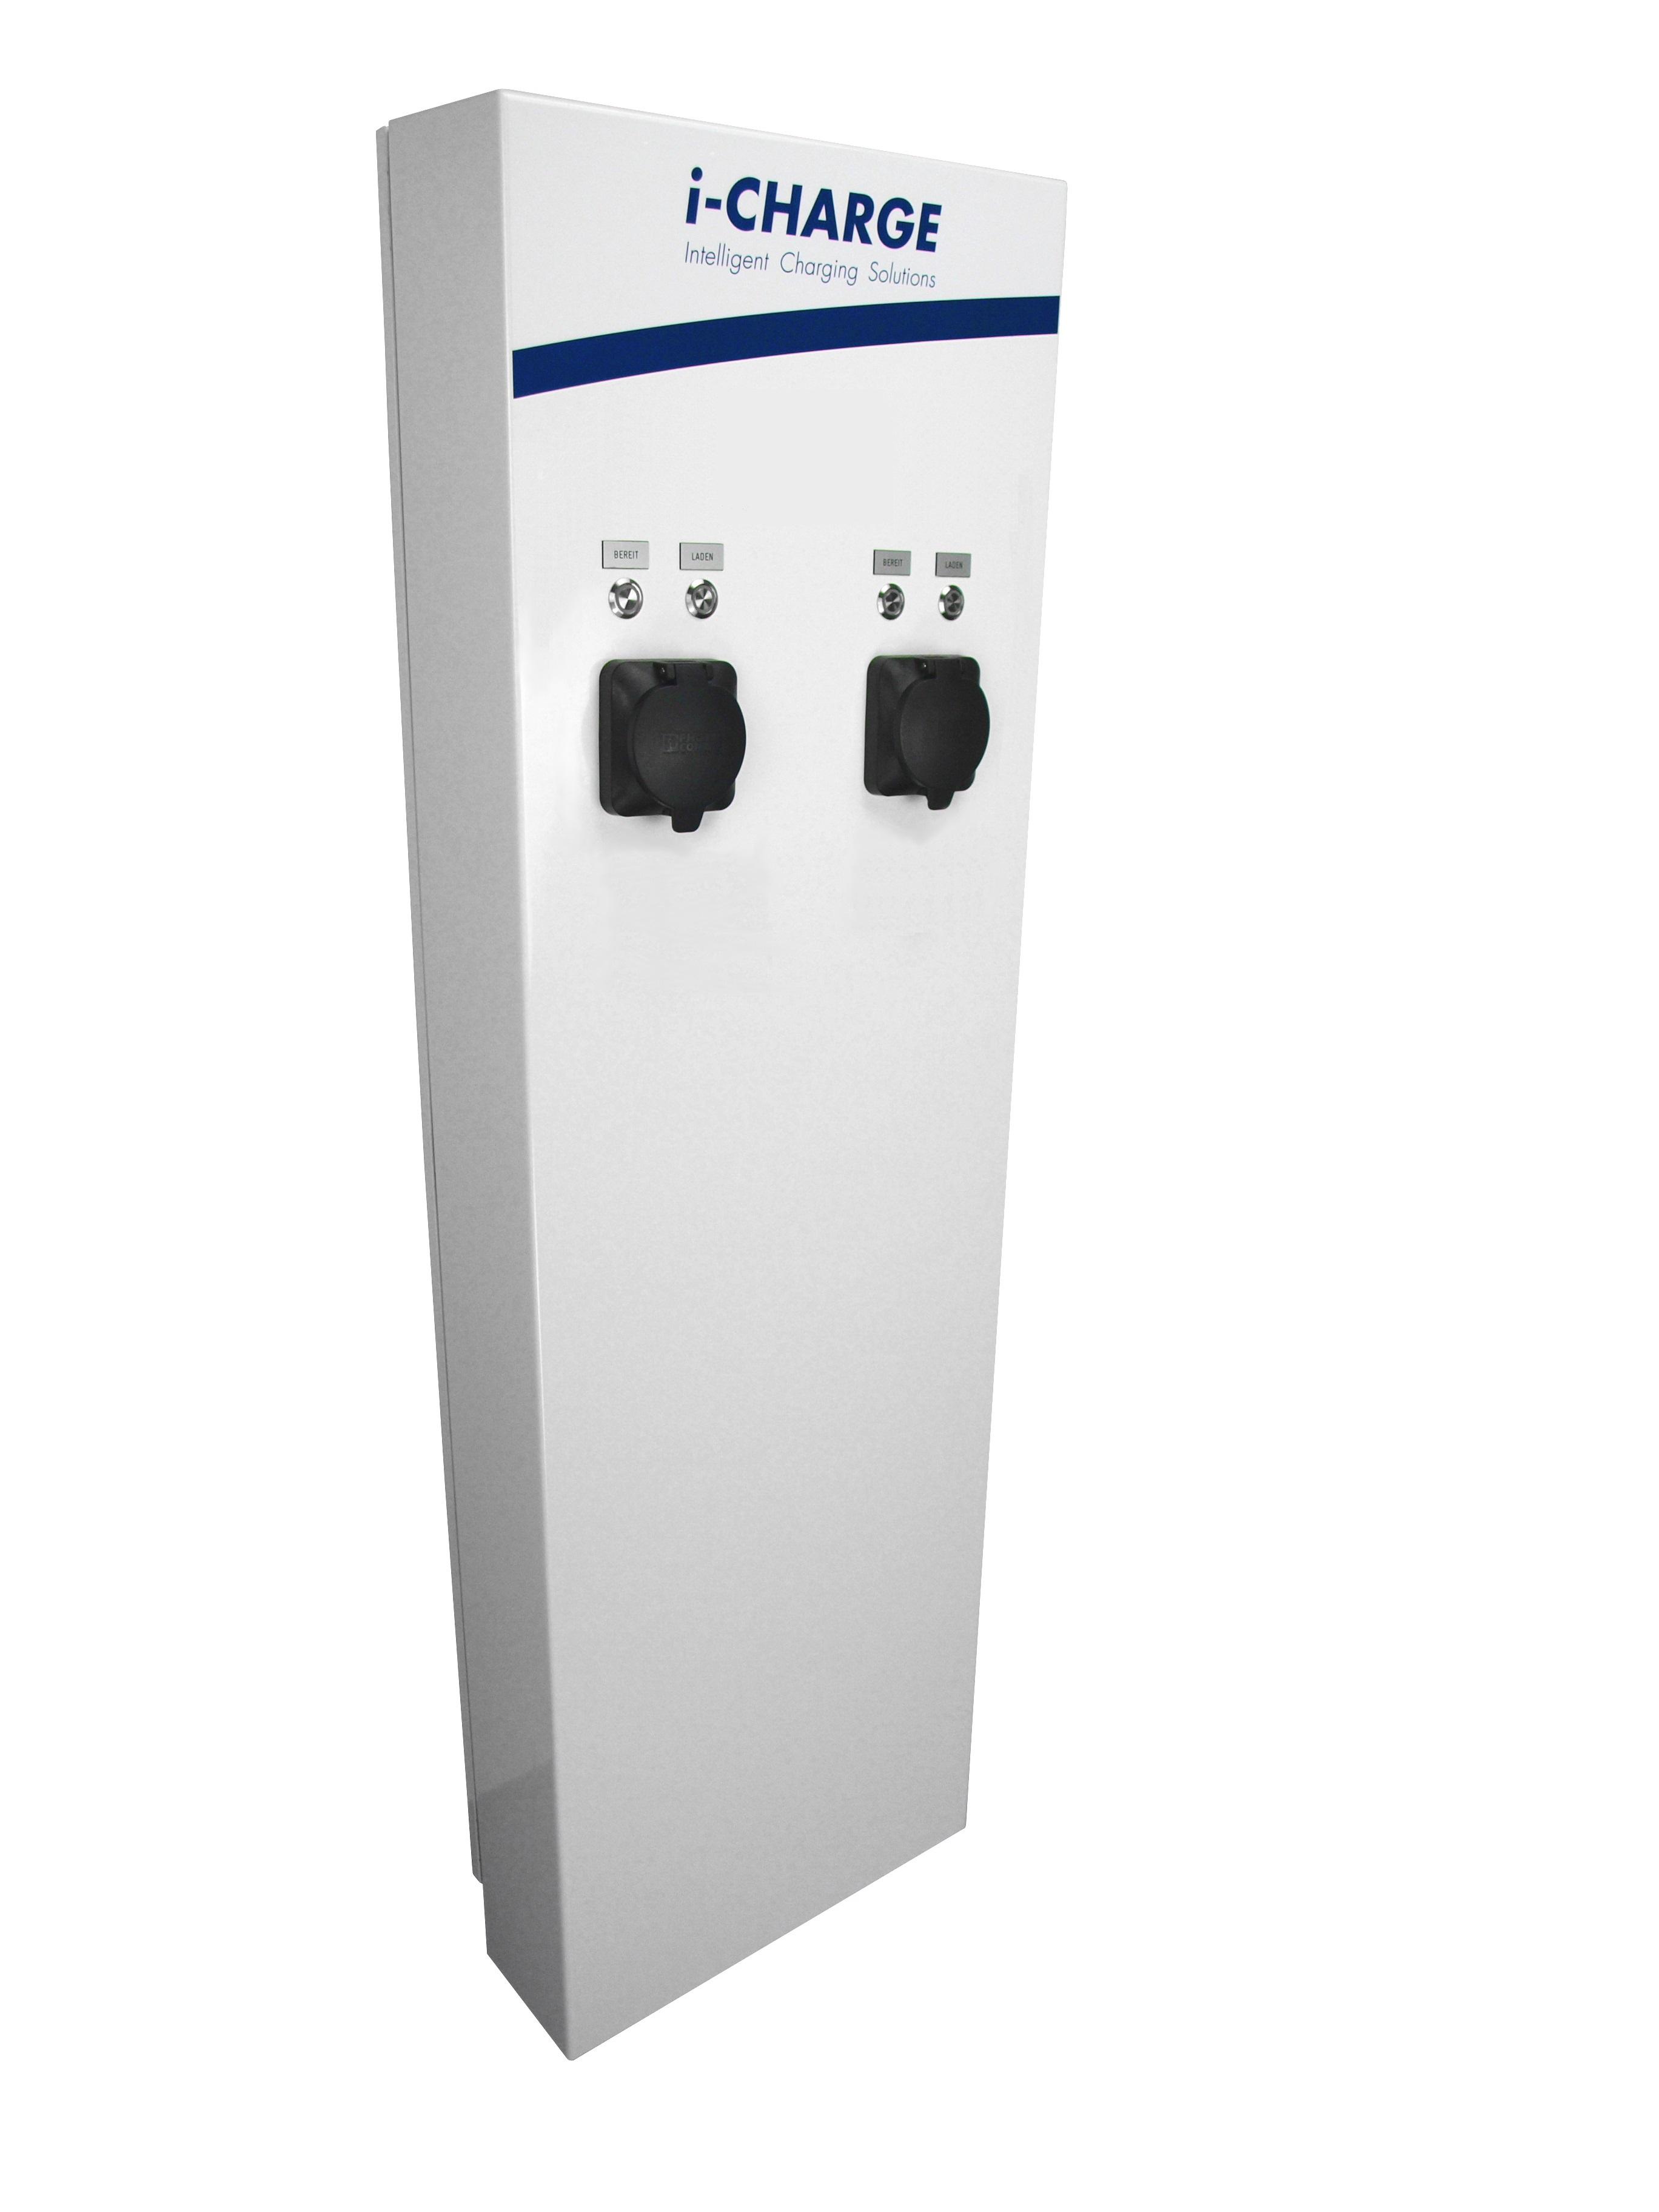 1 Stk i-CHARGE PUBLIC 400 2x Typ2 11-22kW, Edelstahl mit LS, FI EMPUB129--